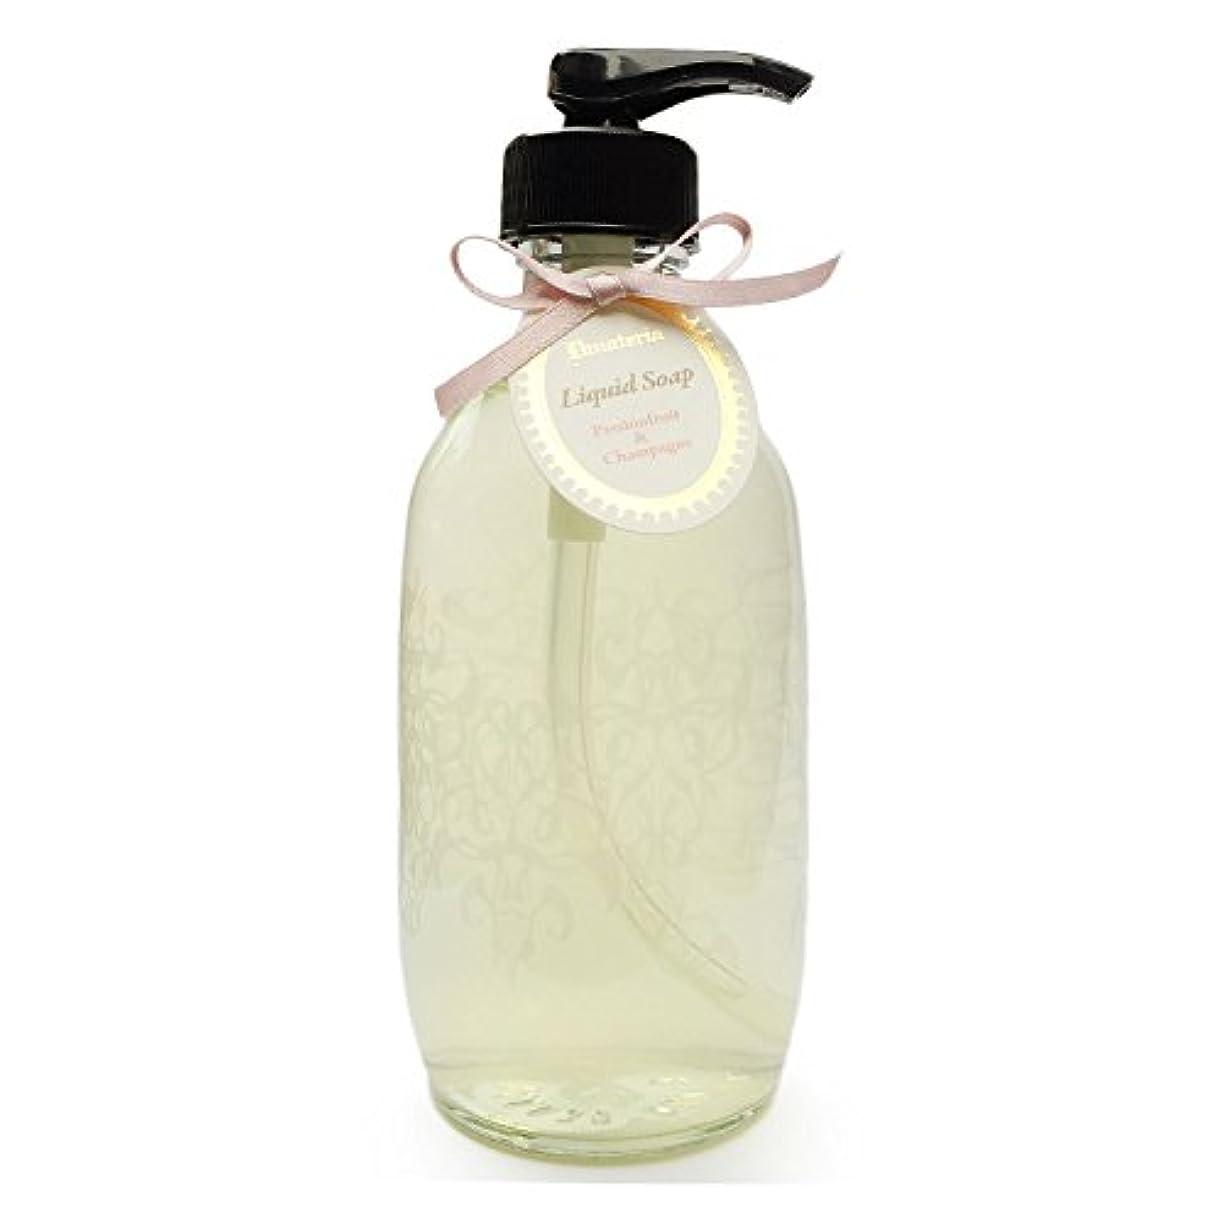 おばさん無声で無謀D materia リキッドソープ パッションフルーツ&シャンパン Passionfruit&Champagne Liquid Soap ディーマテリア